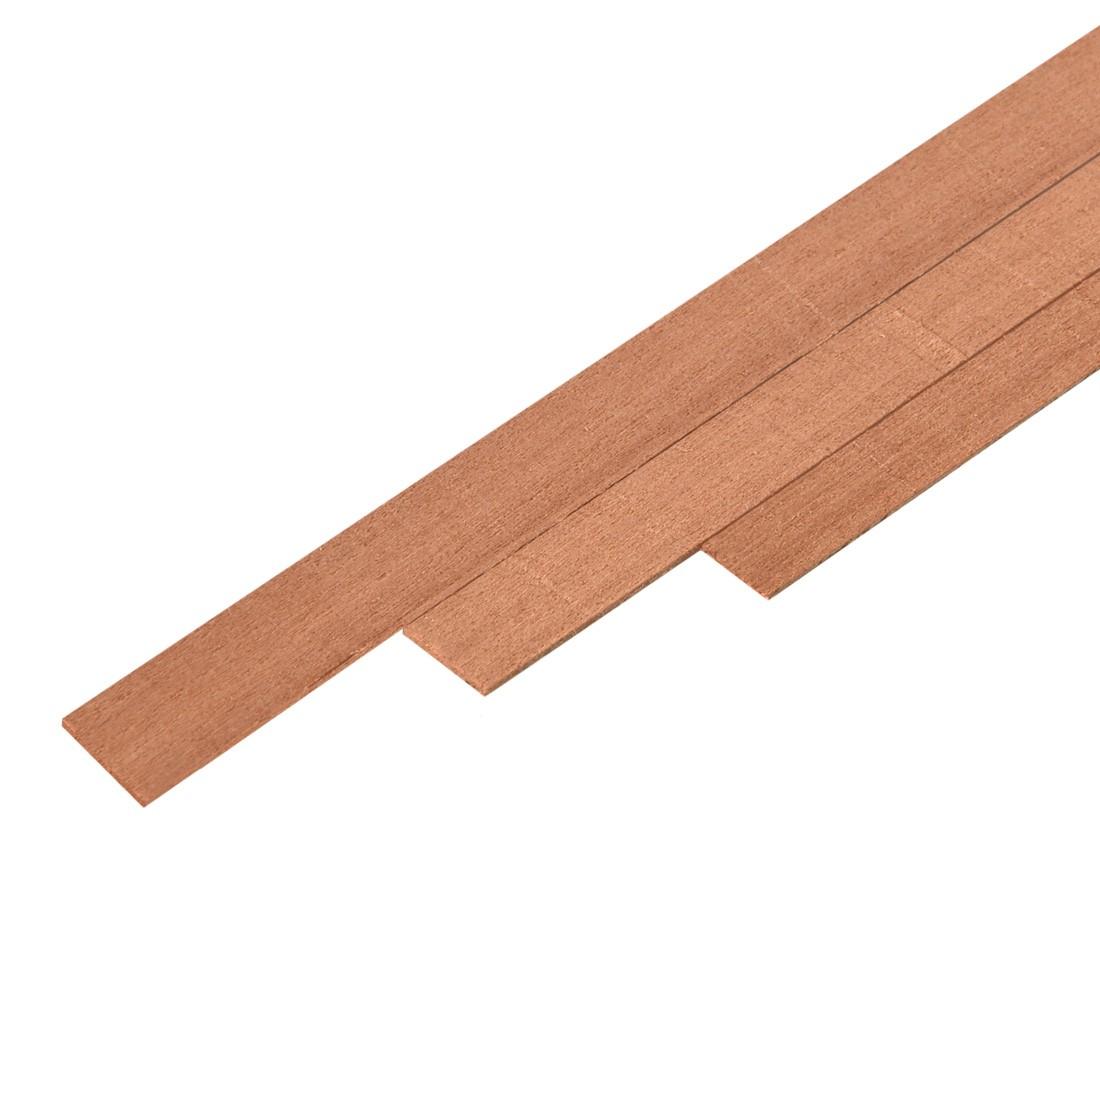 Peer strip mm.0,5x5